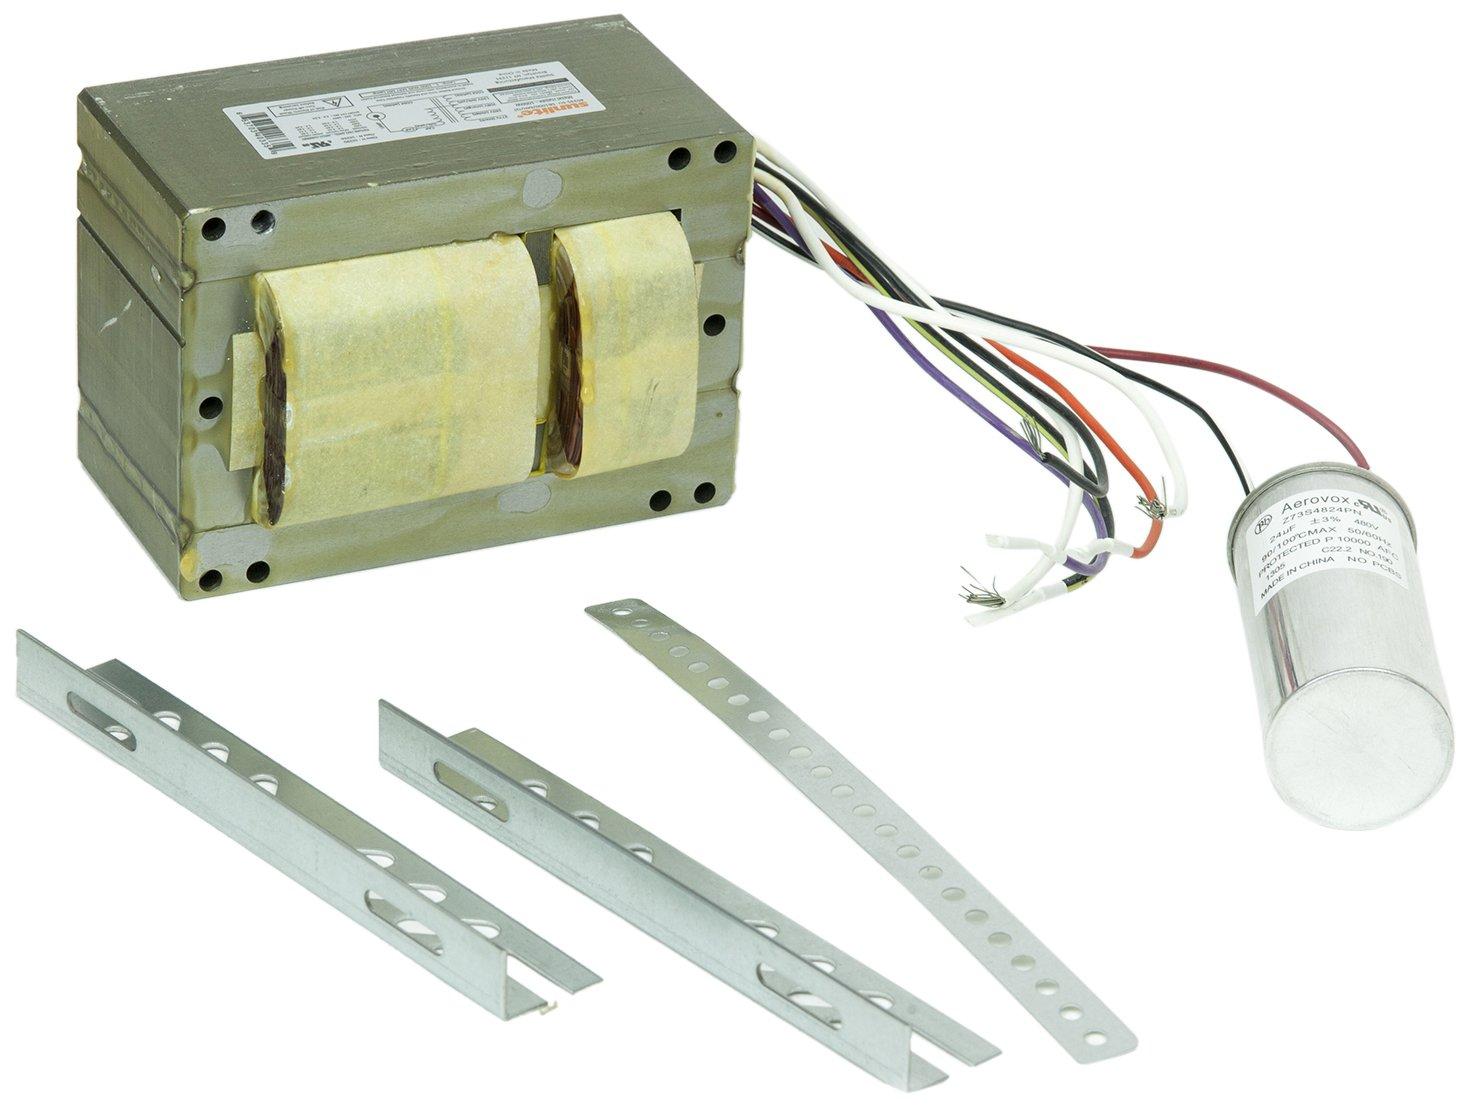 Sunlite 40335-SU SB1000/MH/QT 1000-watt Metal Halide Ballast Quad Tap Ballast Kit, Multi volt by Sunlite (Image #1)